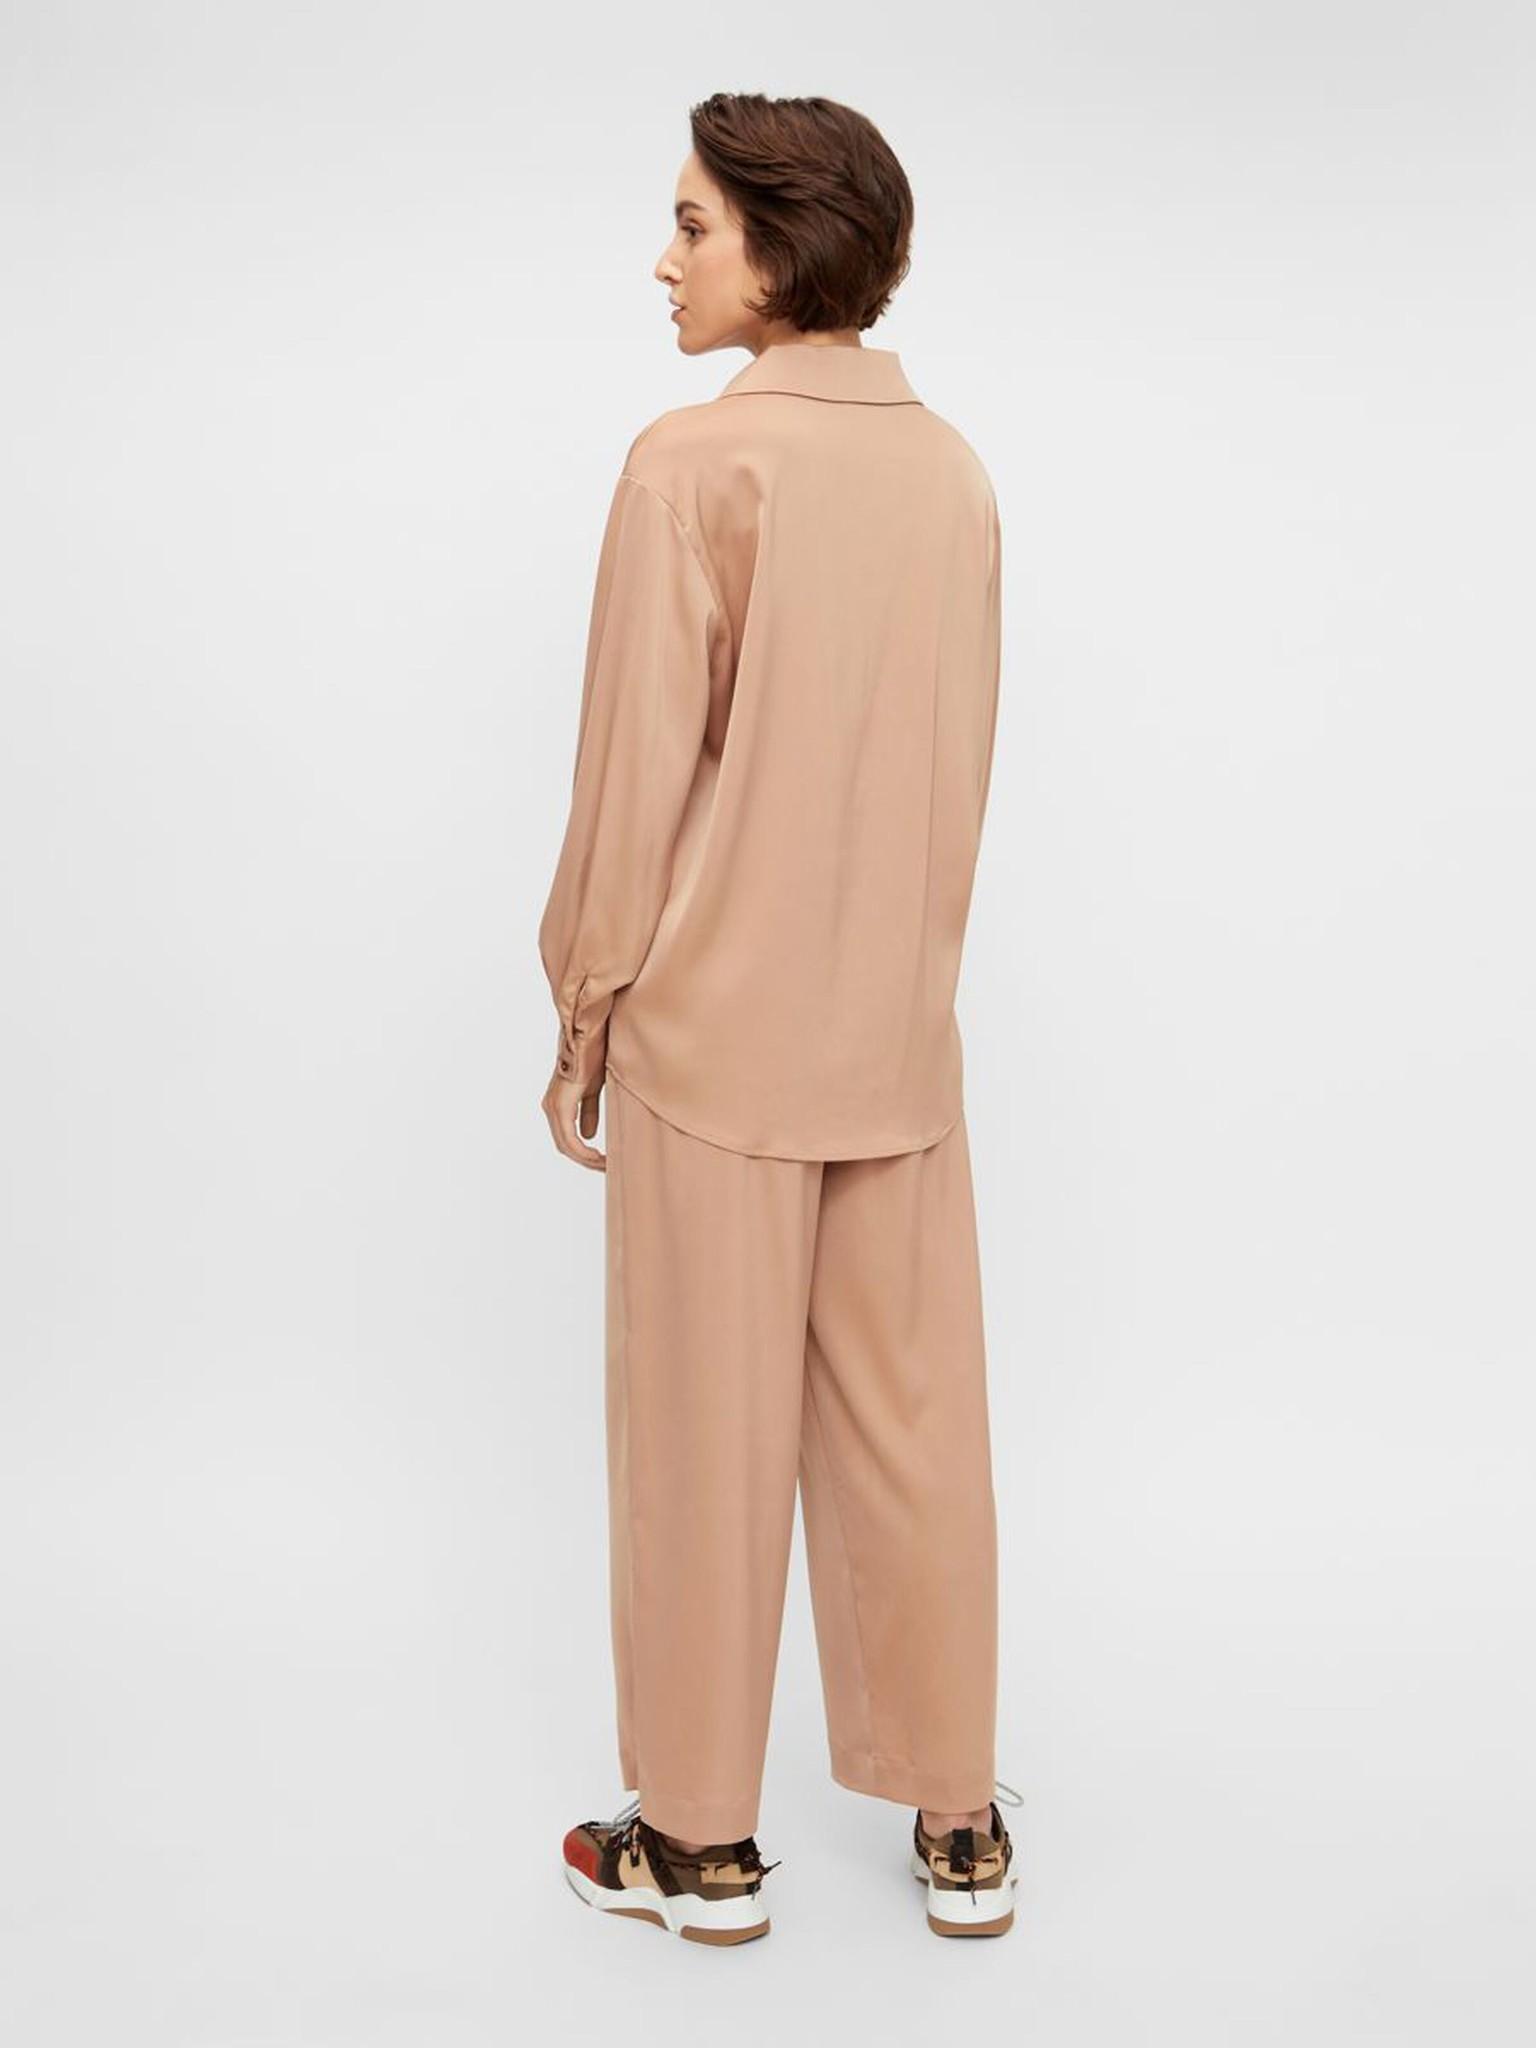 Broek Yasteresa cropped pants tawny brown-6